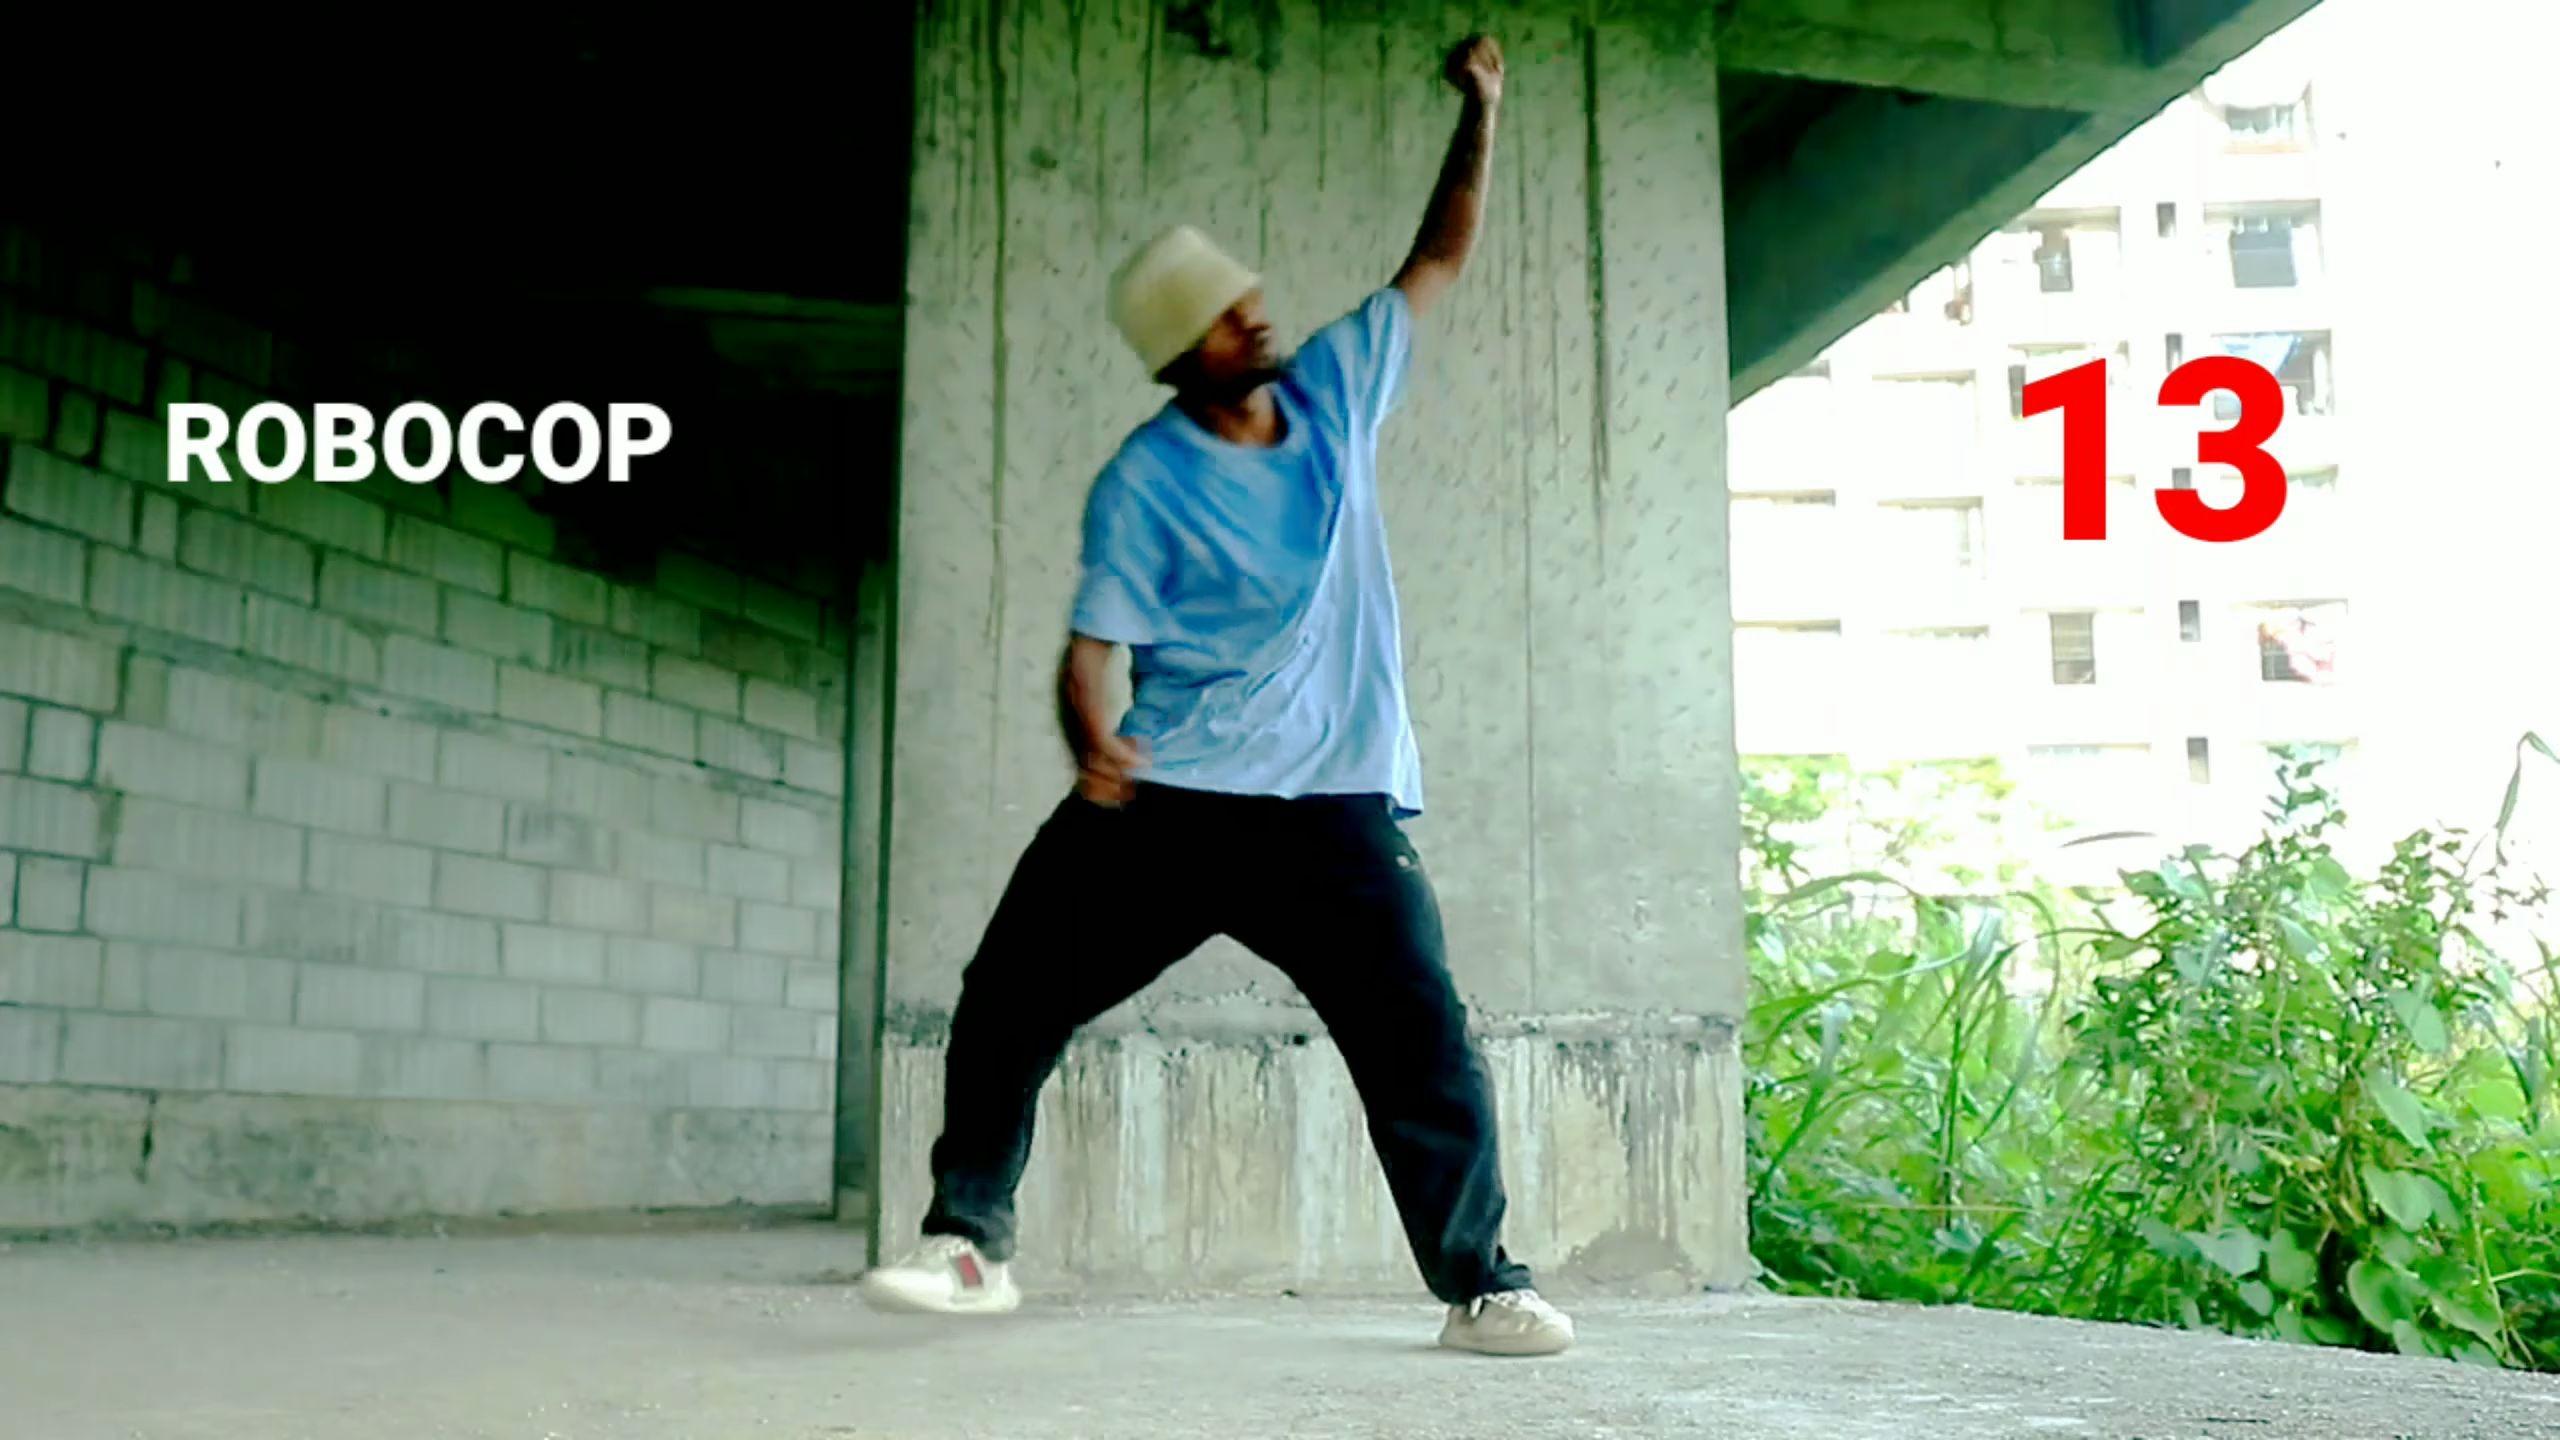 23種Hip-Hop舞步 第二部分 舞蹈詞匯新解讀_嗶哩嗶哩 (゜-゜)つロ 干杯~-bilibili